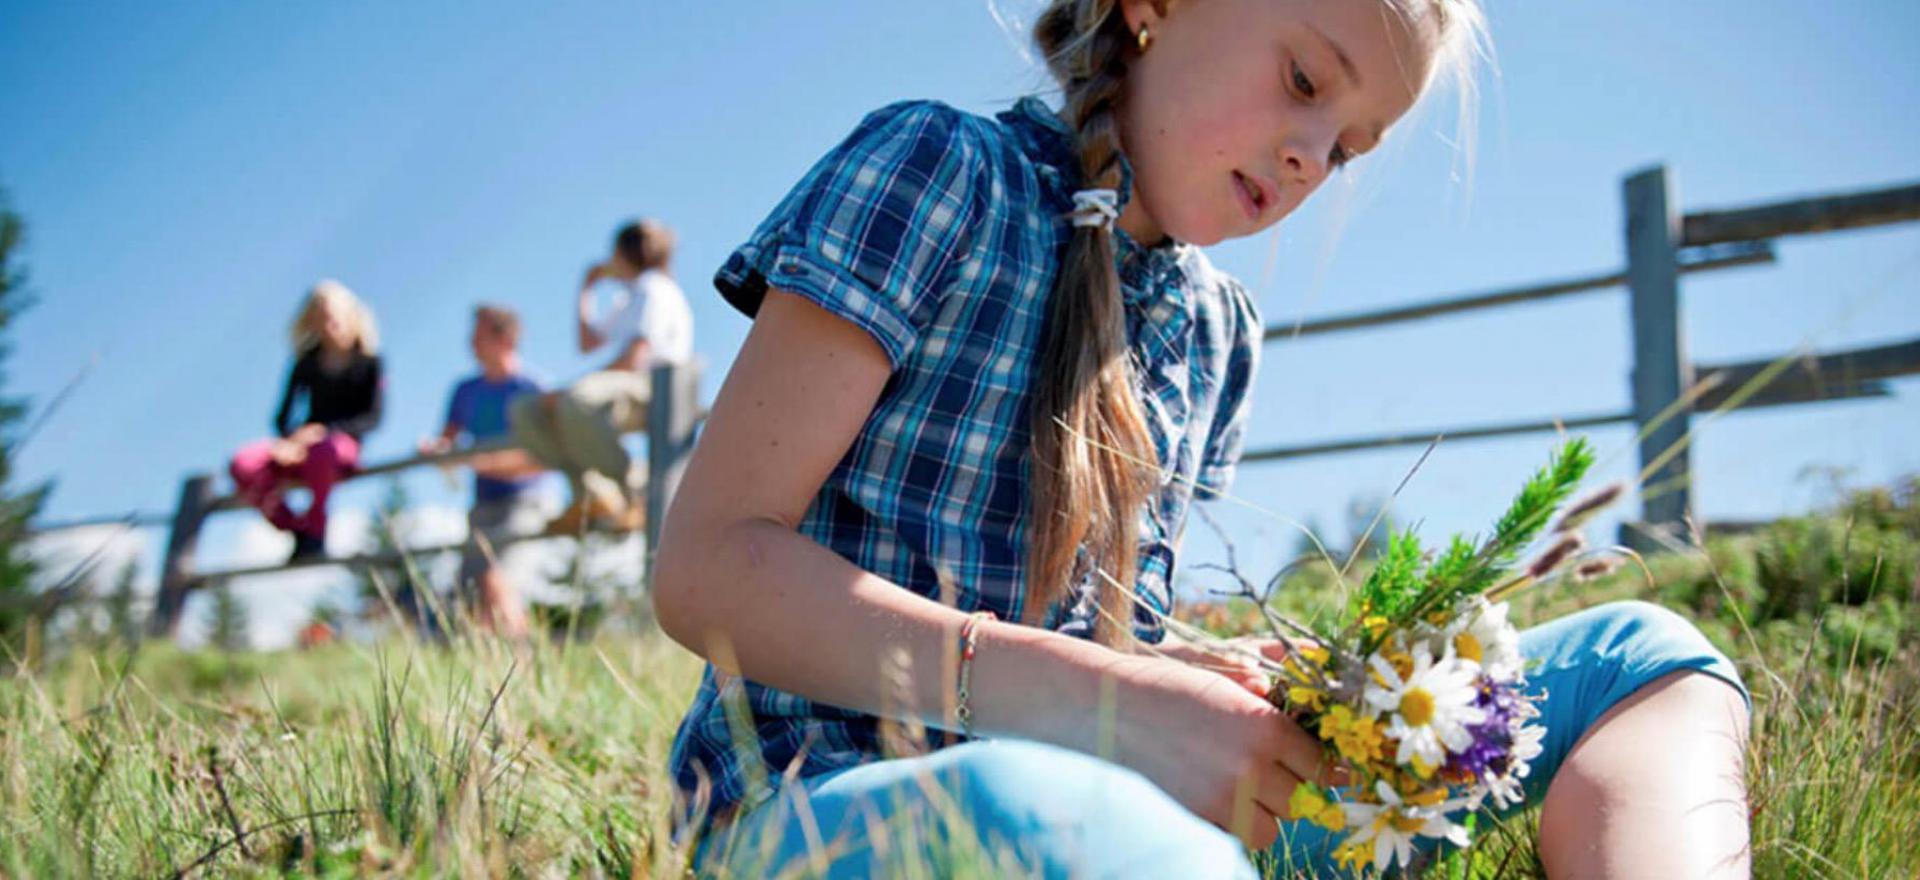 Actieve agriturismo met boerderijdieren in Trentino